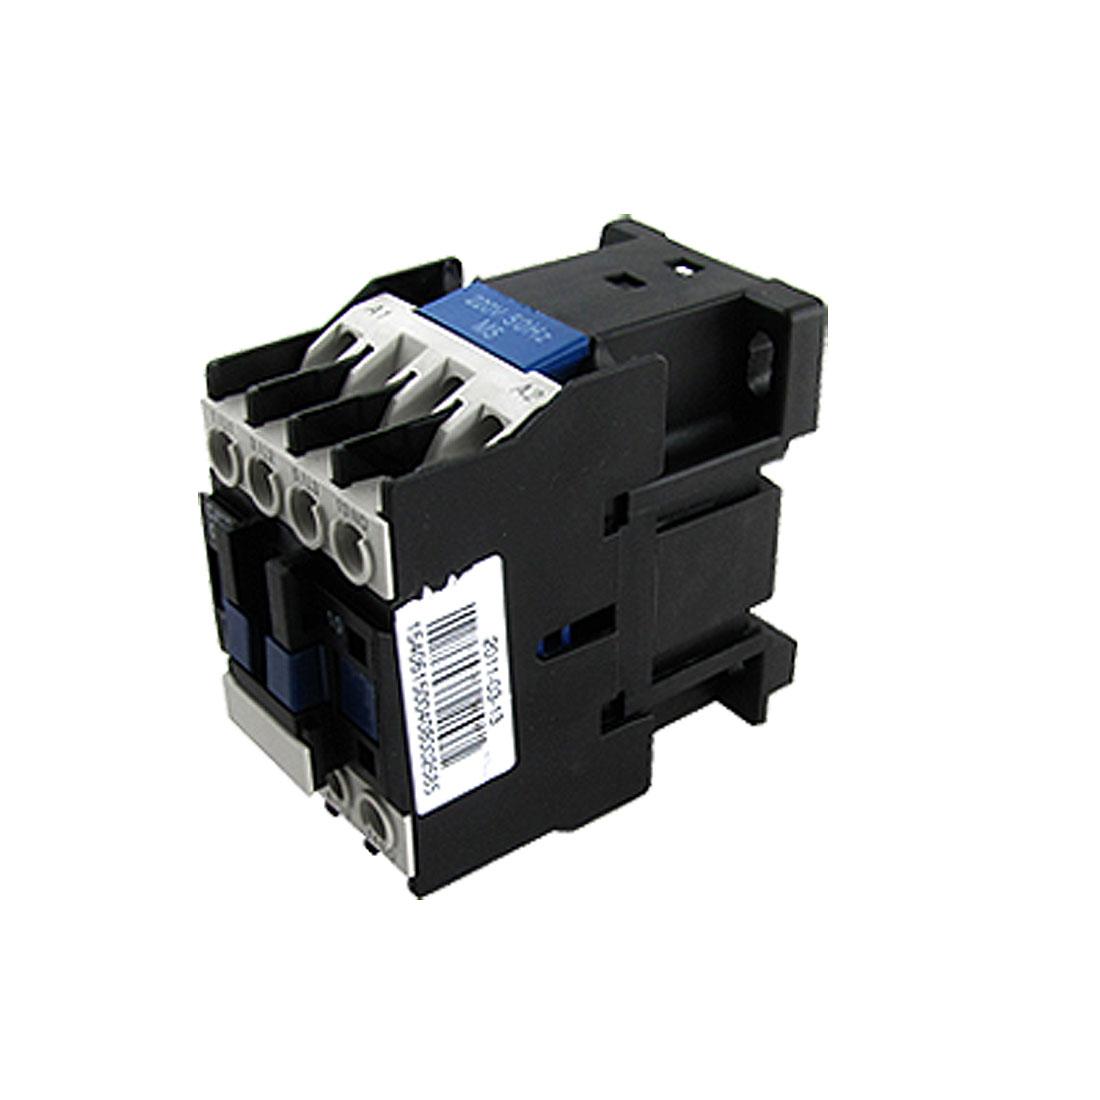 CJX2-1210 690V Ui 12A 3 Poles 1NO 220V 50Hz Coil AC Contactor